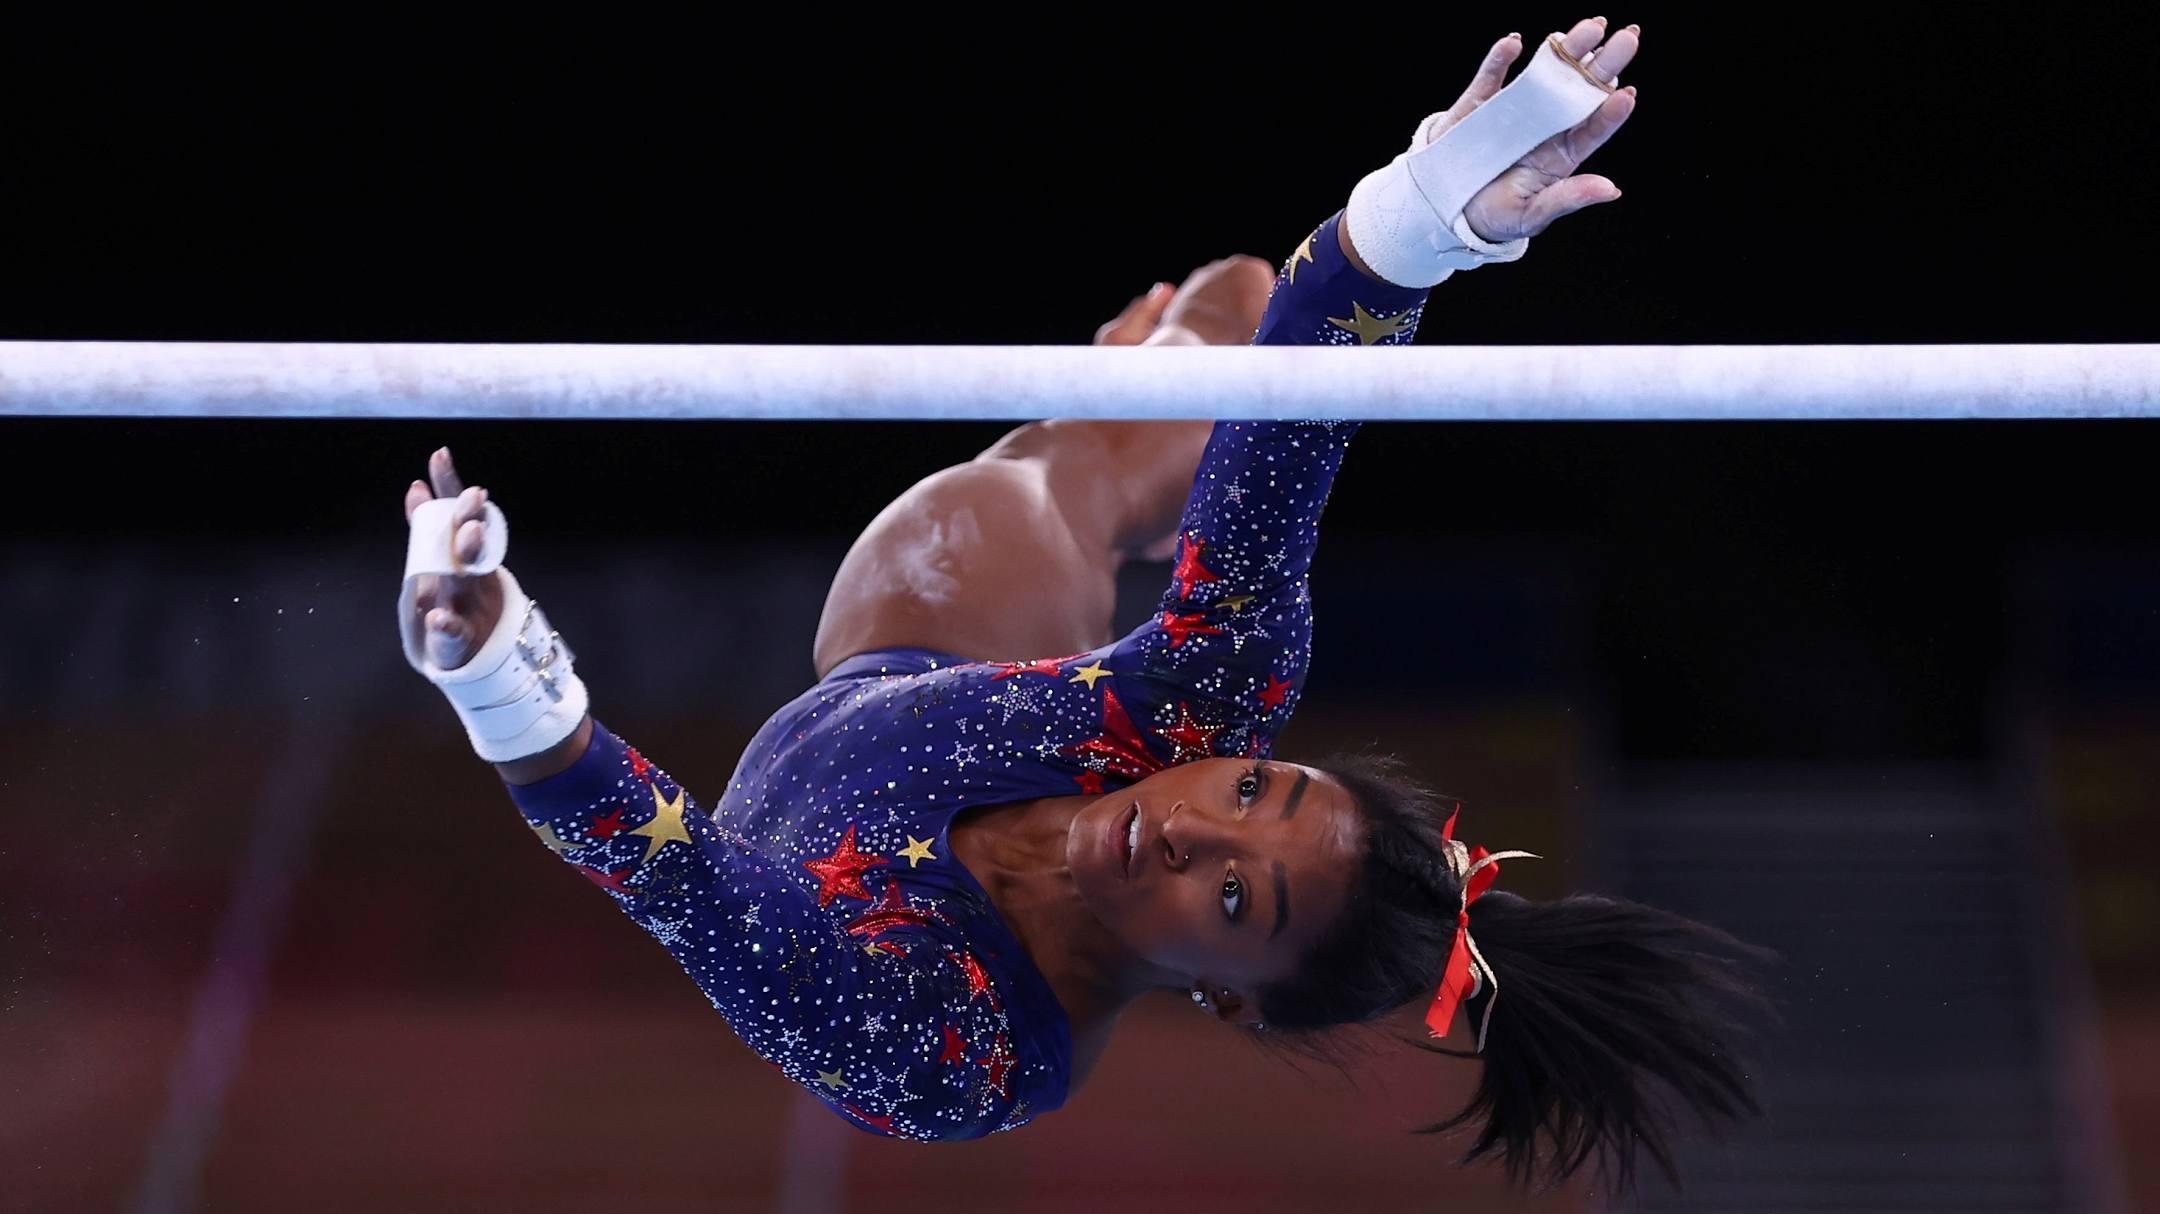 Biles menjatuhkan tiga dari empat nomor yang dia inginkan untuk mempertahankan medali emas Olimpiade di Tokyo 2020. Foto: Reuters